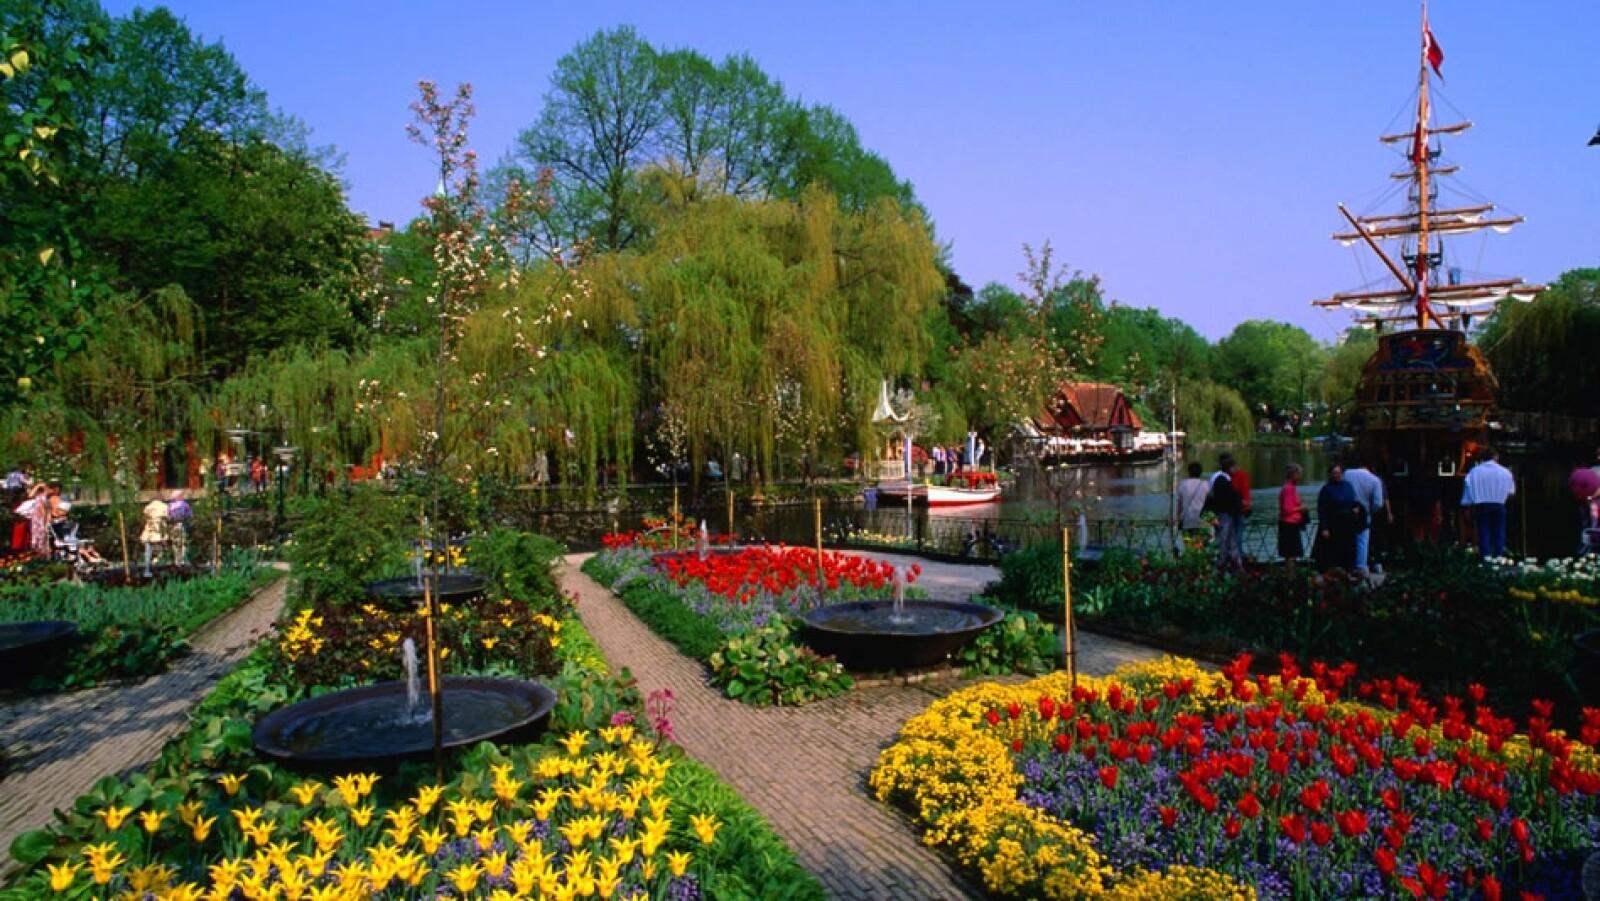 Dinamarca es el país más feliz en el mundo, de acuerdo al Reporte de Felicidad Mundial de 2013